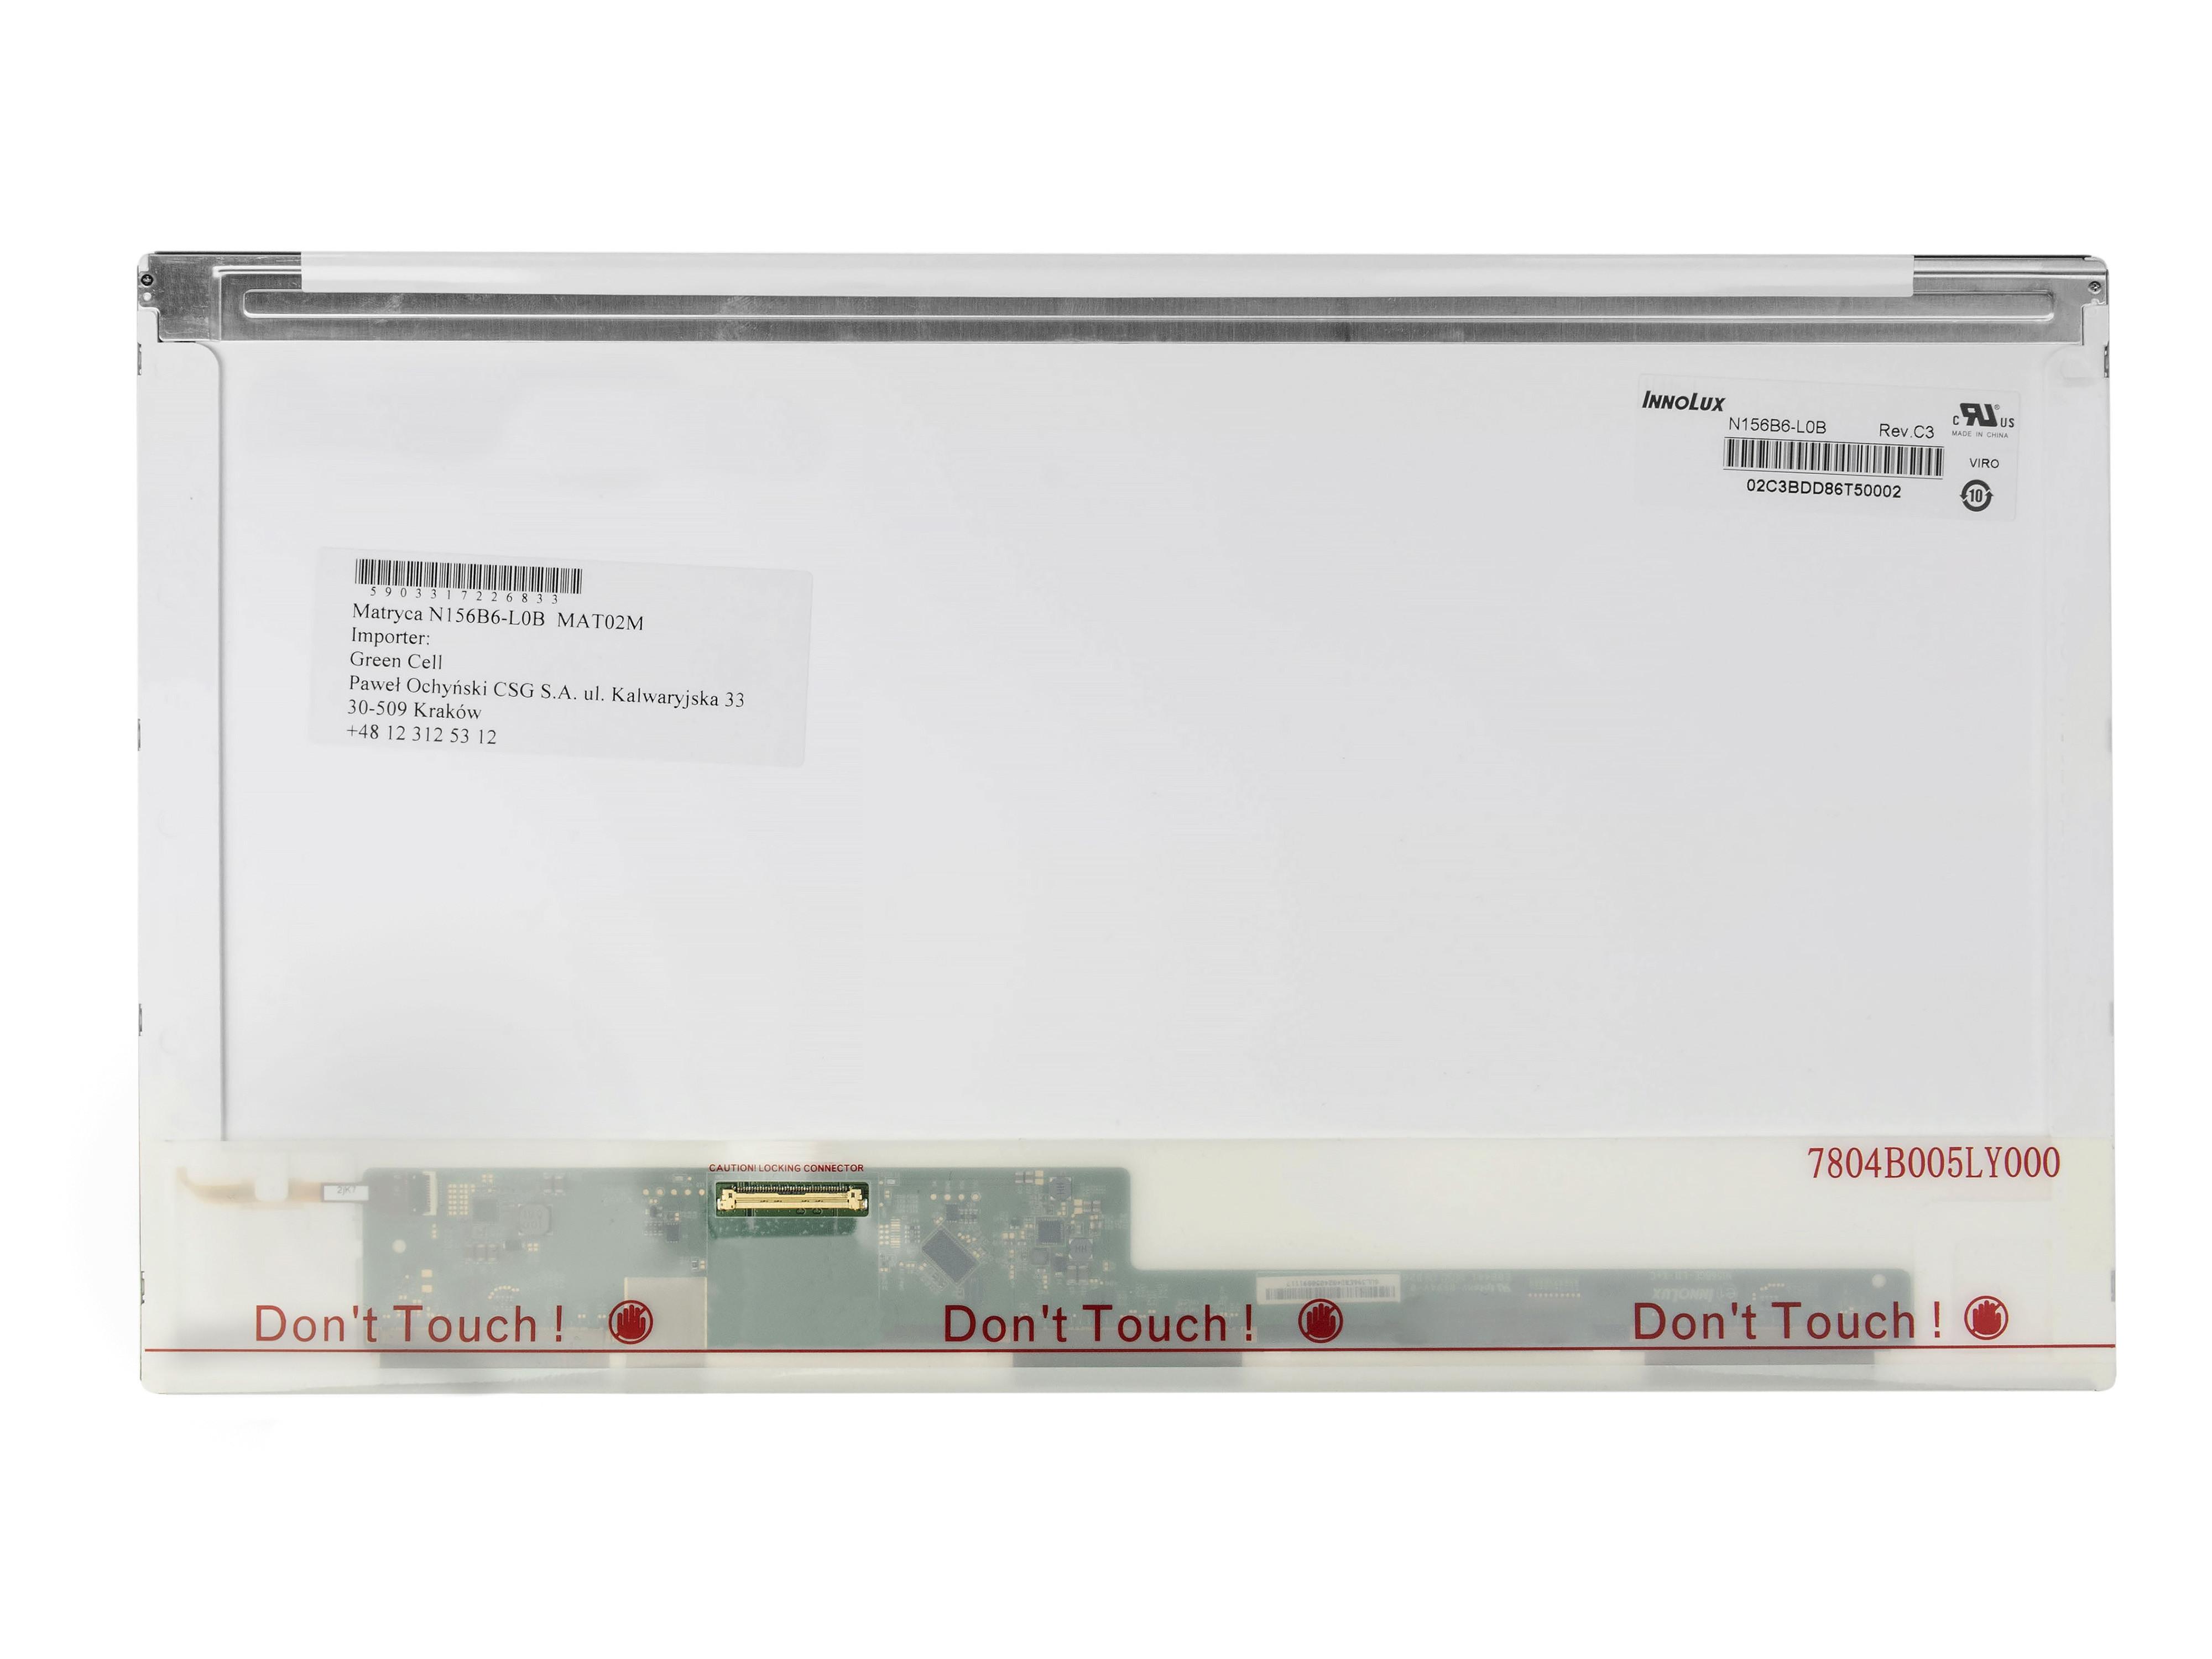 Innolux display N156B6-L0B 15,6 inch, 1366x768 HD, LVDS 40 pin, glossy